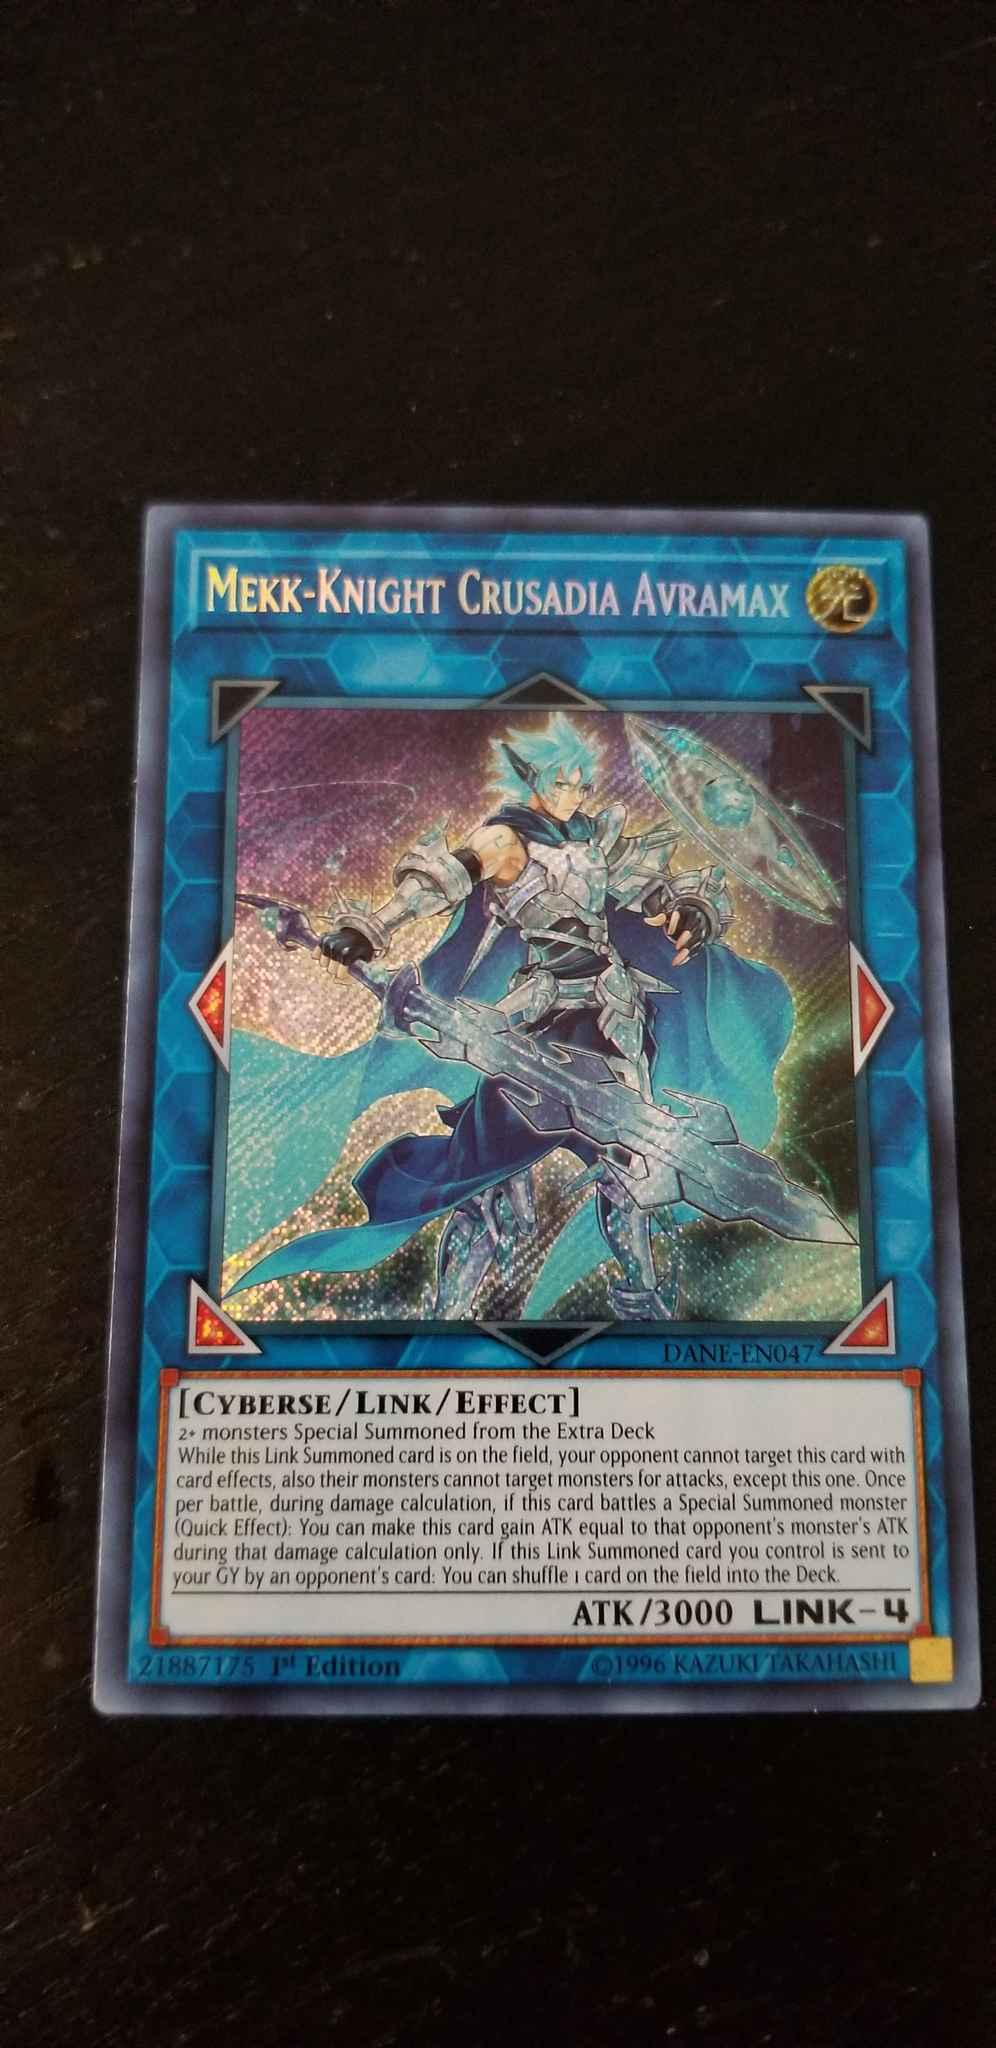 Mekk-Knight Crusadia Avramax DANE EN047 Secret Rare 1st Edition Yugioh